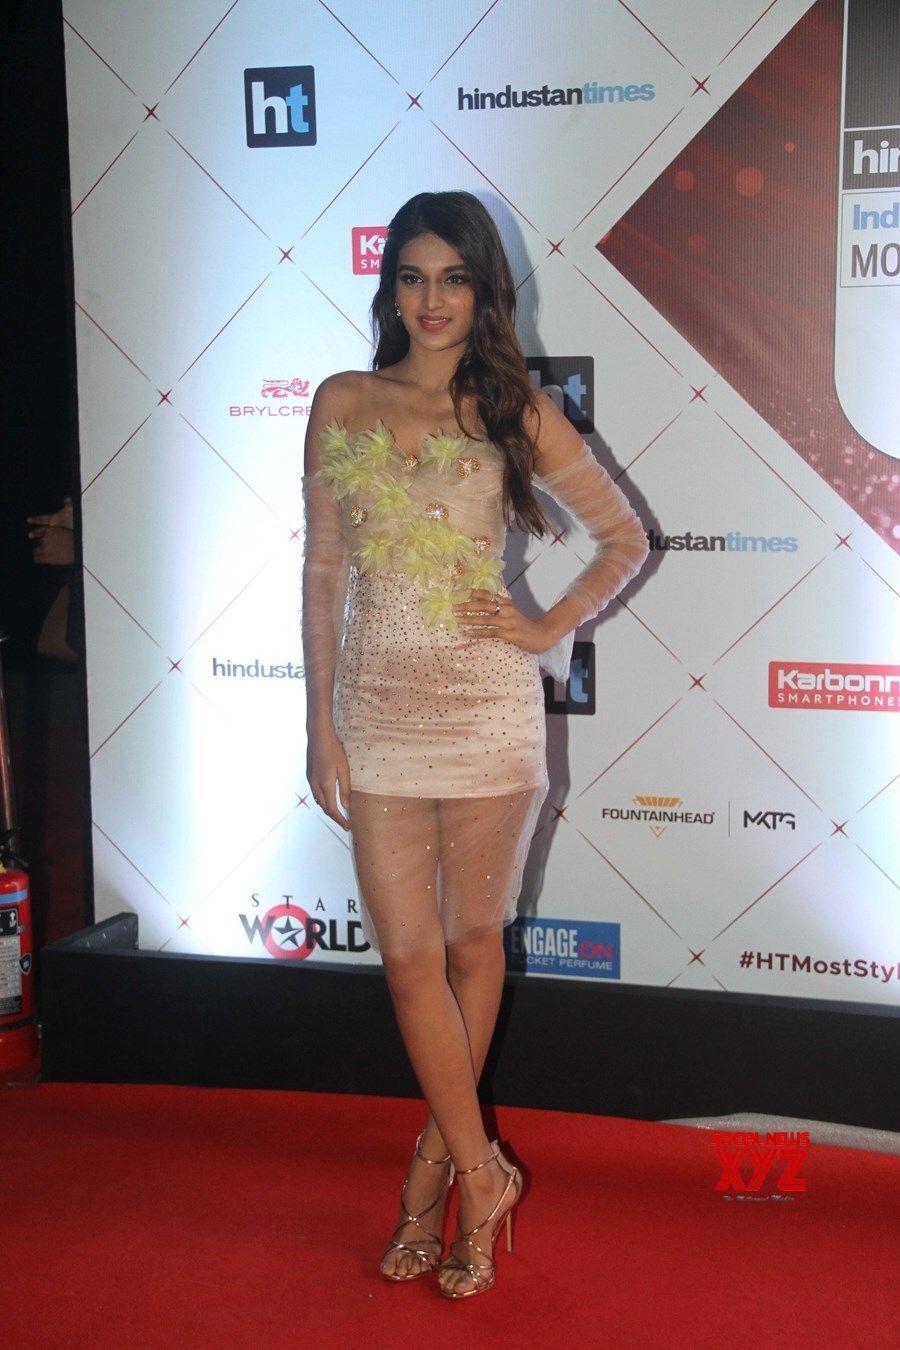 2019 year for women- Most mumbais stylish awards